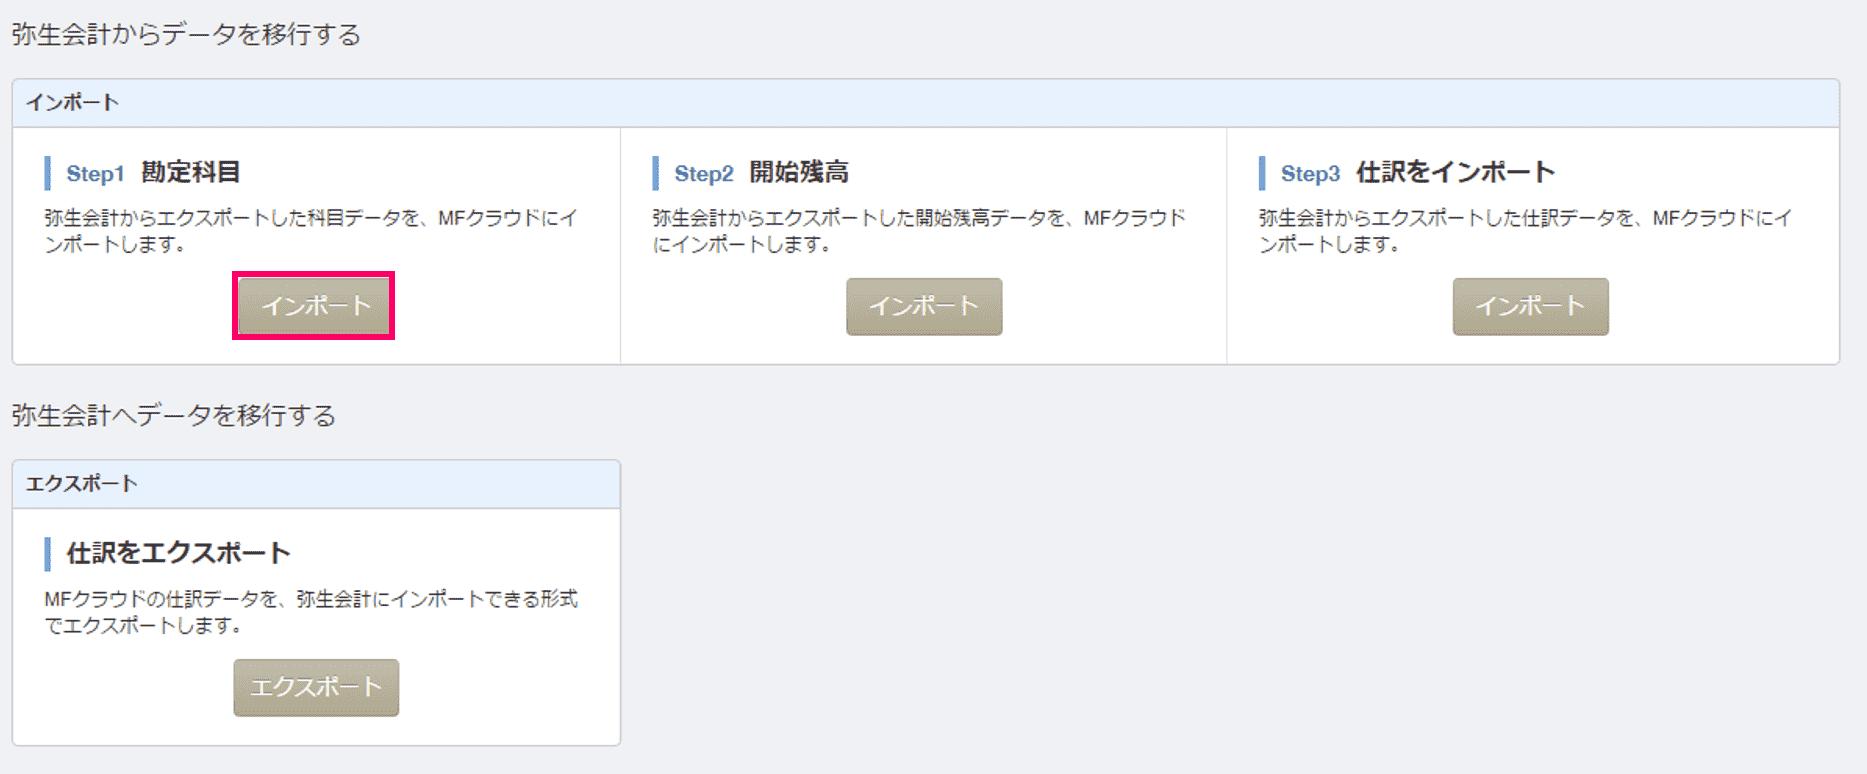 弥生会計からMFクラウド会計にデータを移行する画面で「インポート」ボタンをクリック